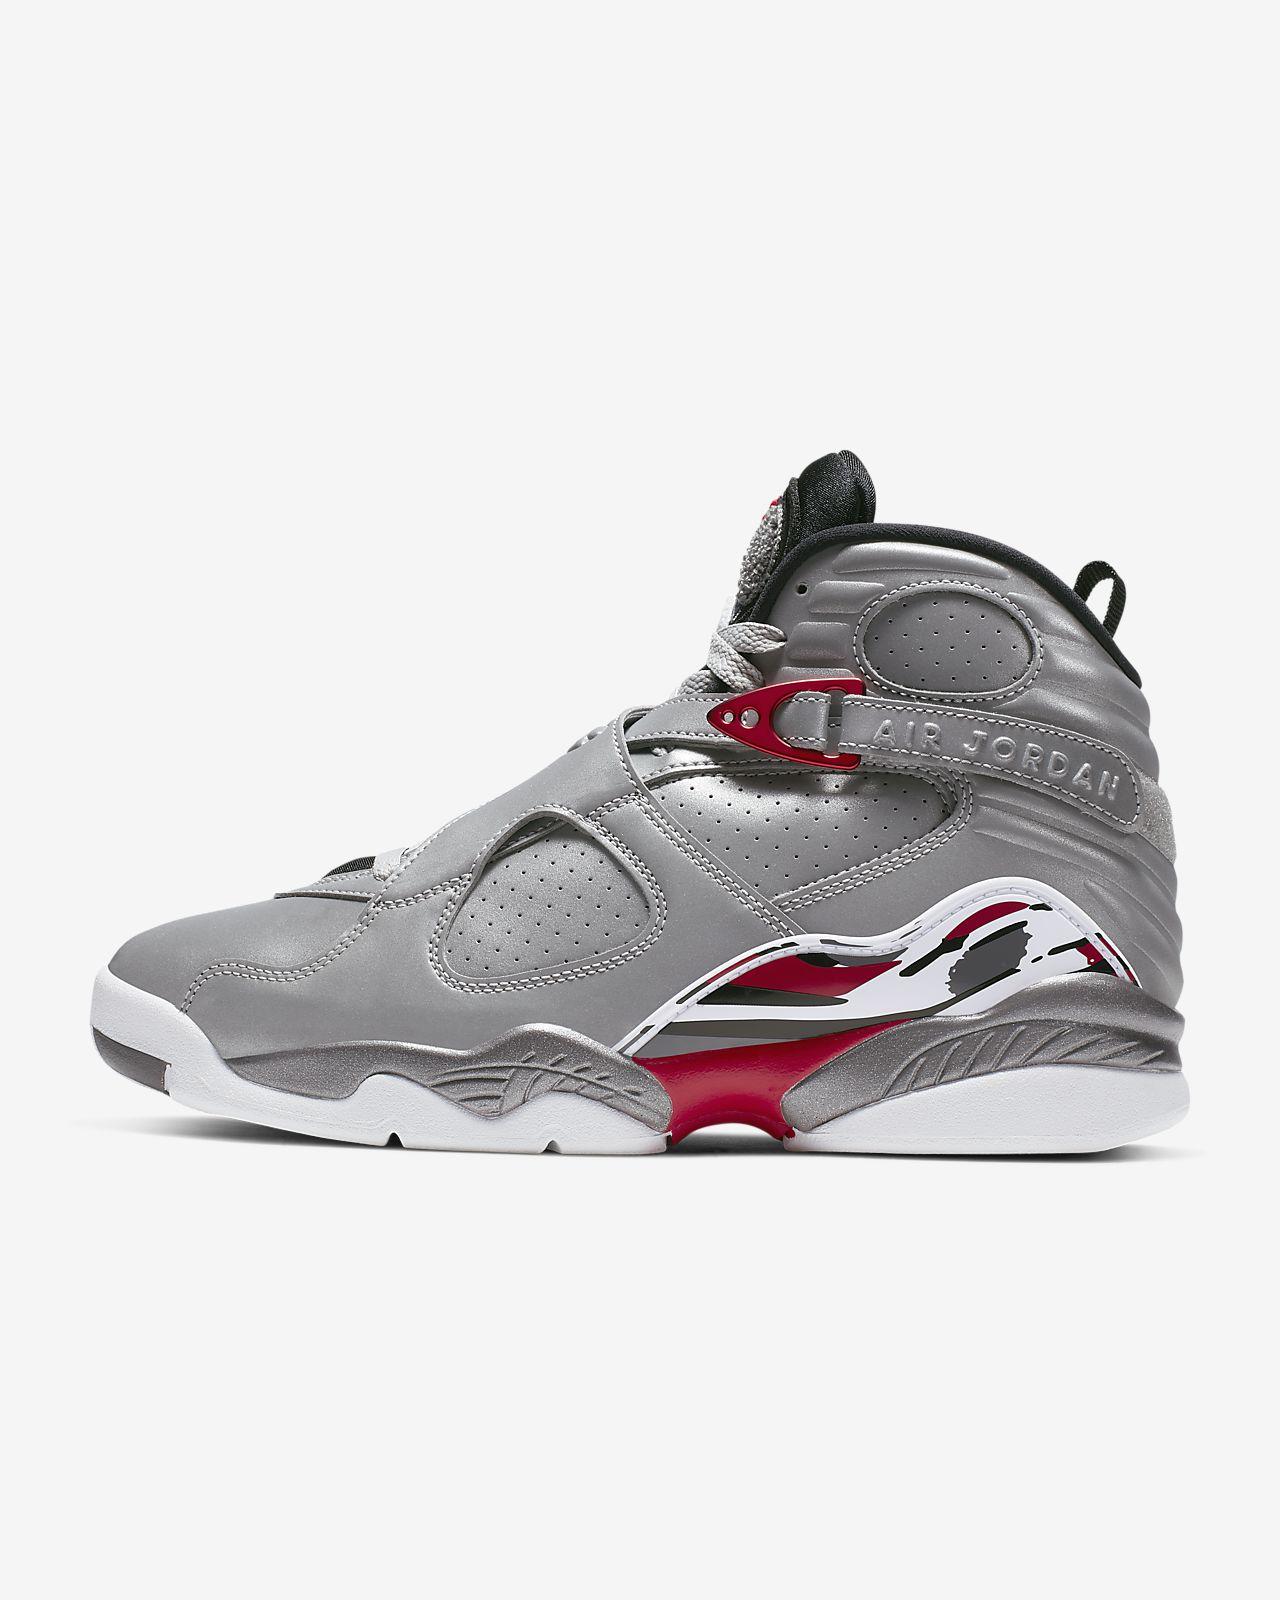 Sko Air Jordan 8 Retro för män